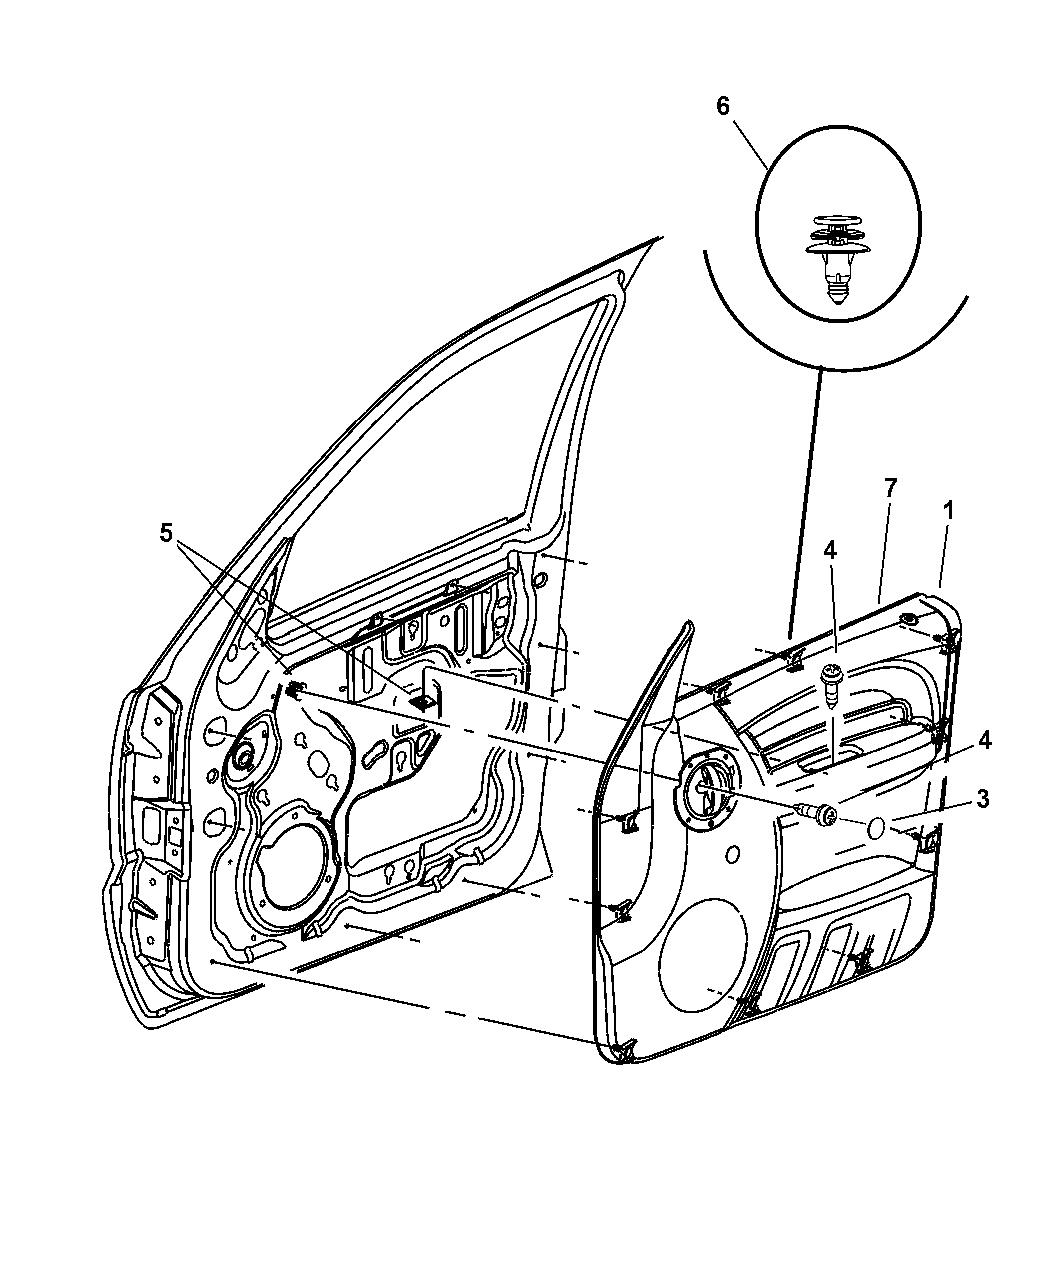 yb43bd5ac